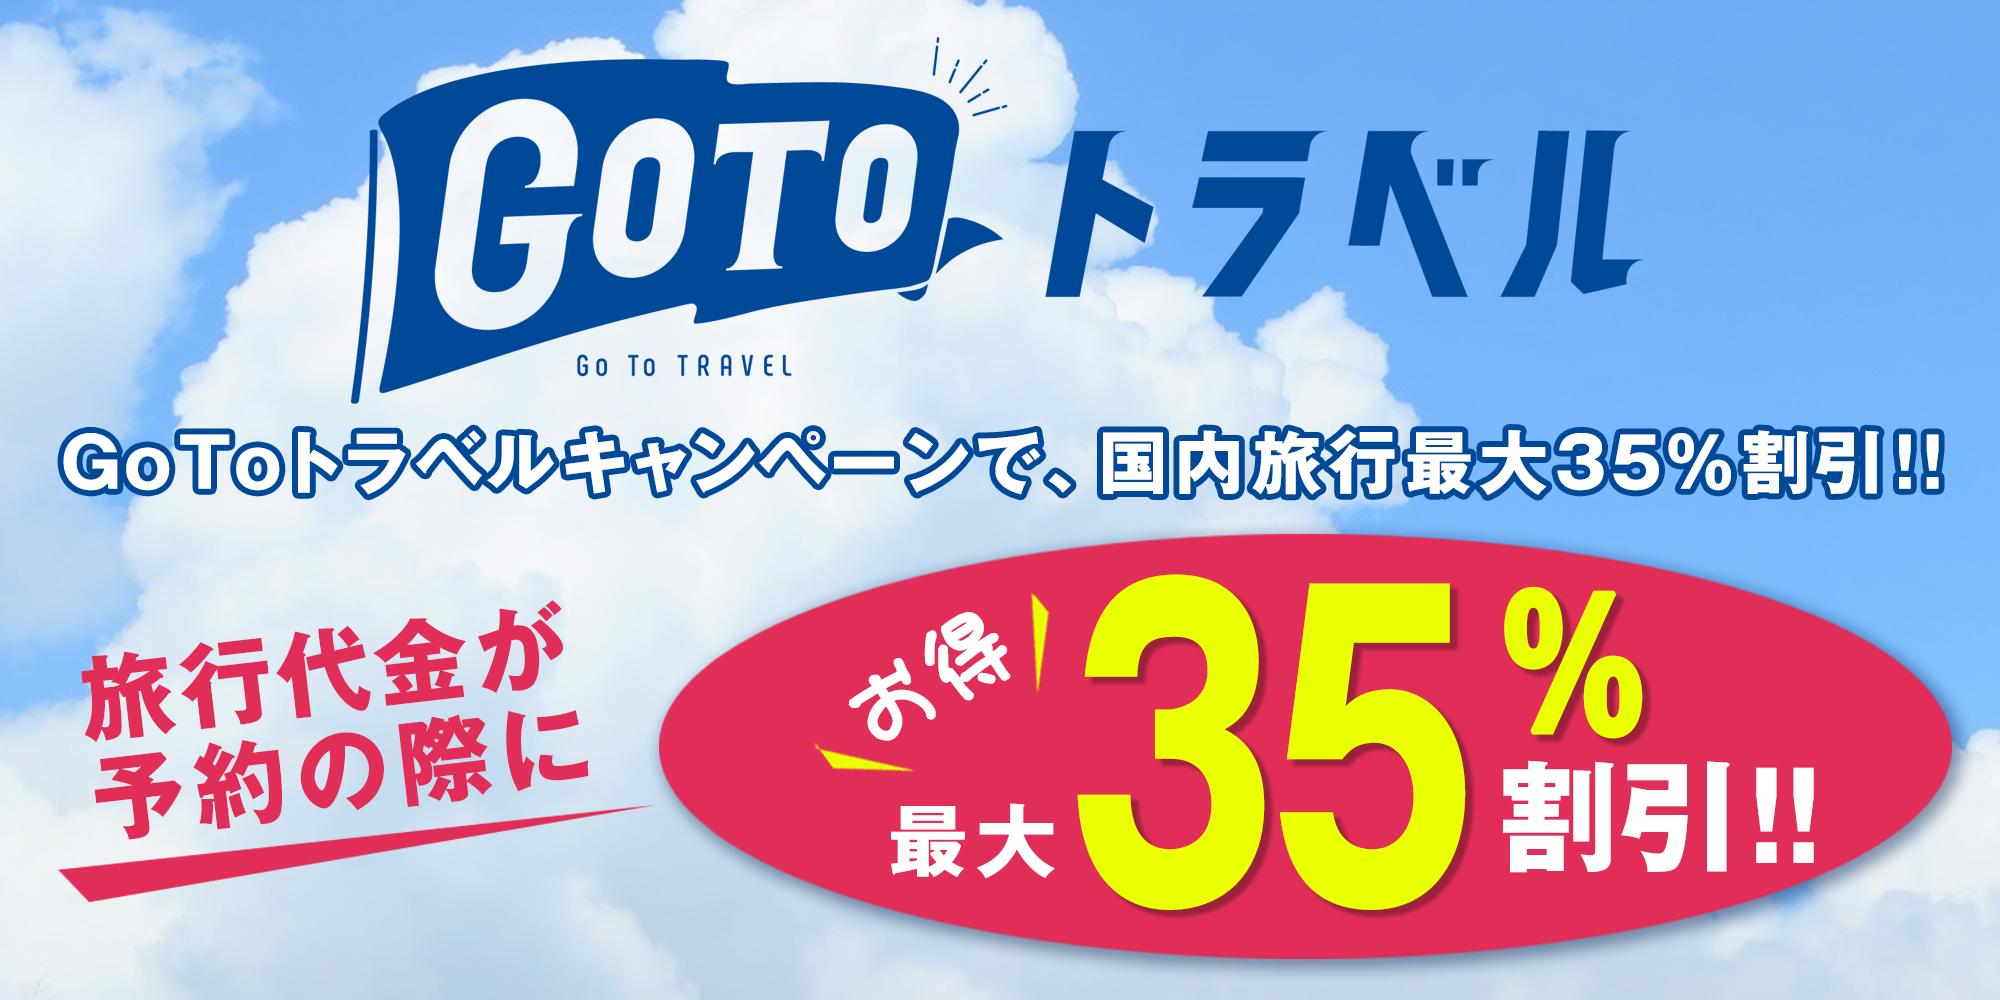 GoToトラベルキャンペーンで35%OFF!